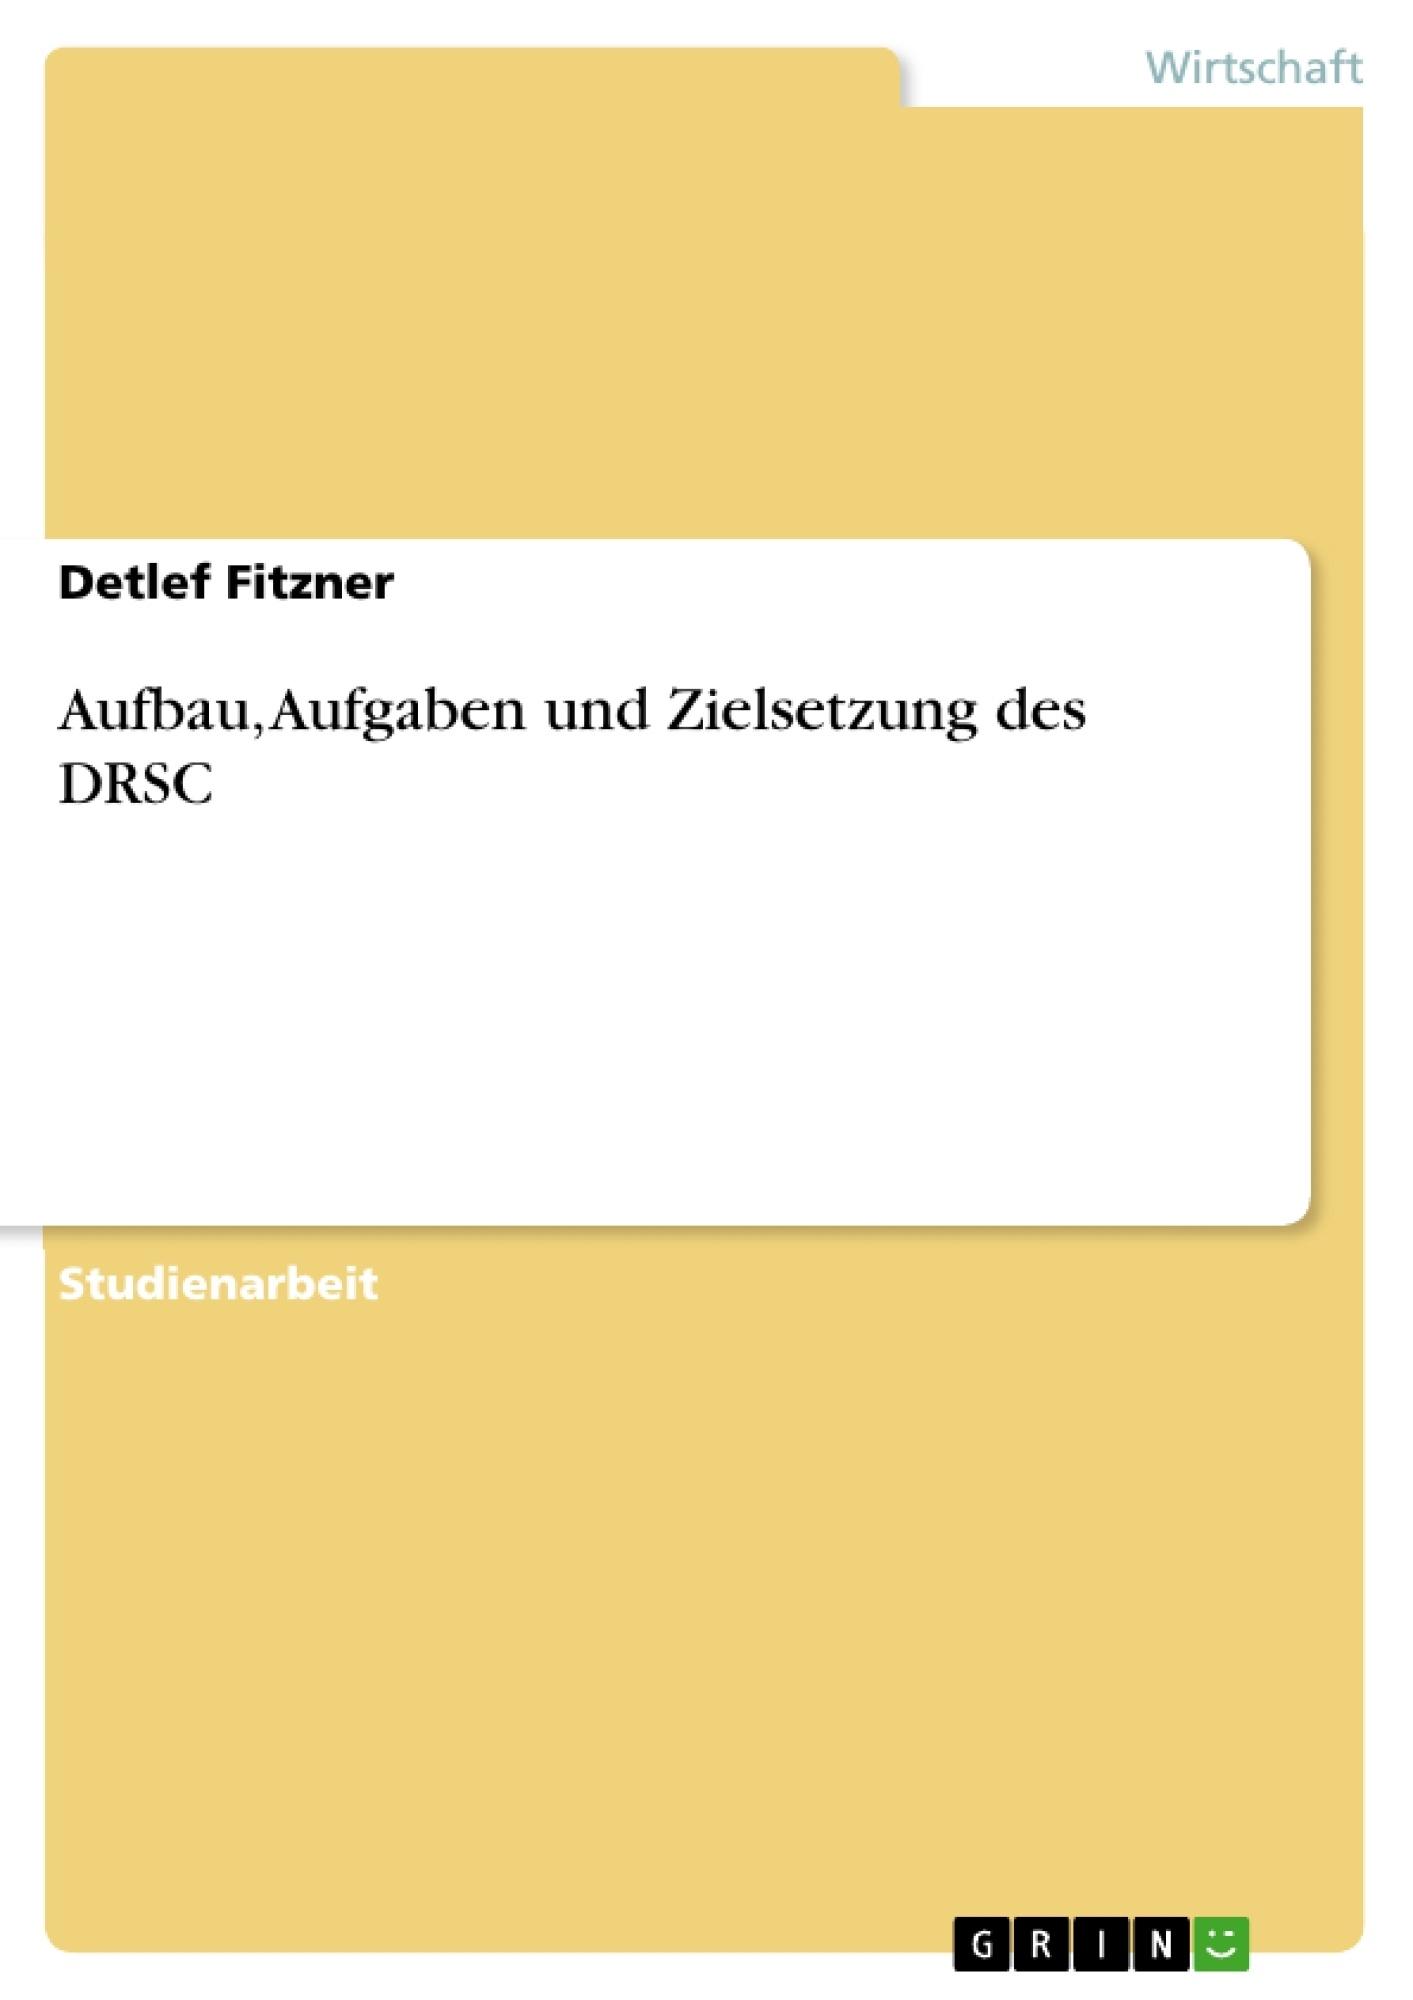 Titel: Aufbau, Aufgaben und Zielsetzung des DRSC